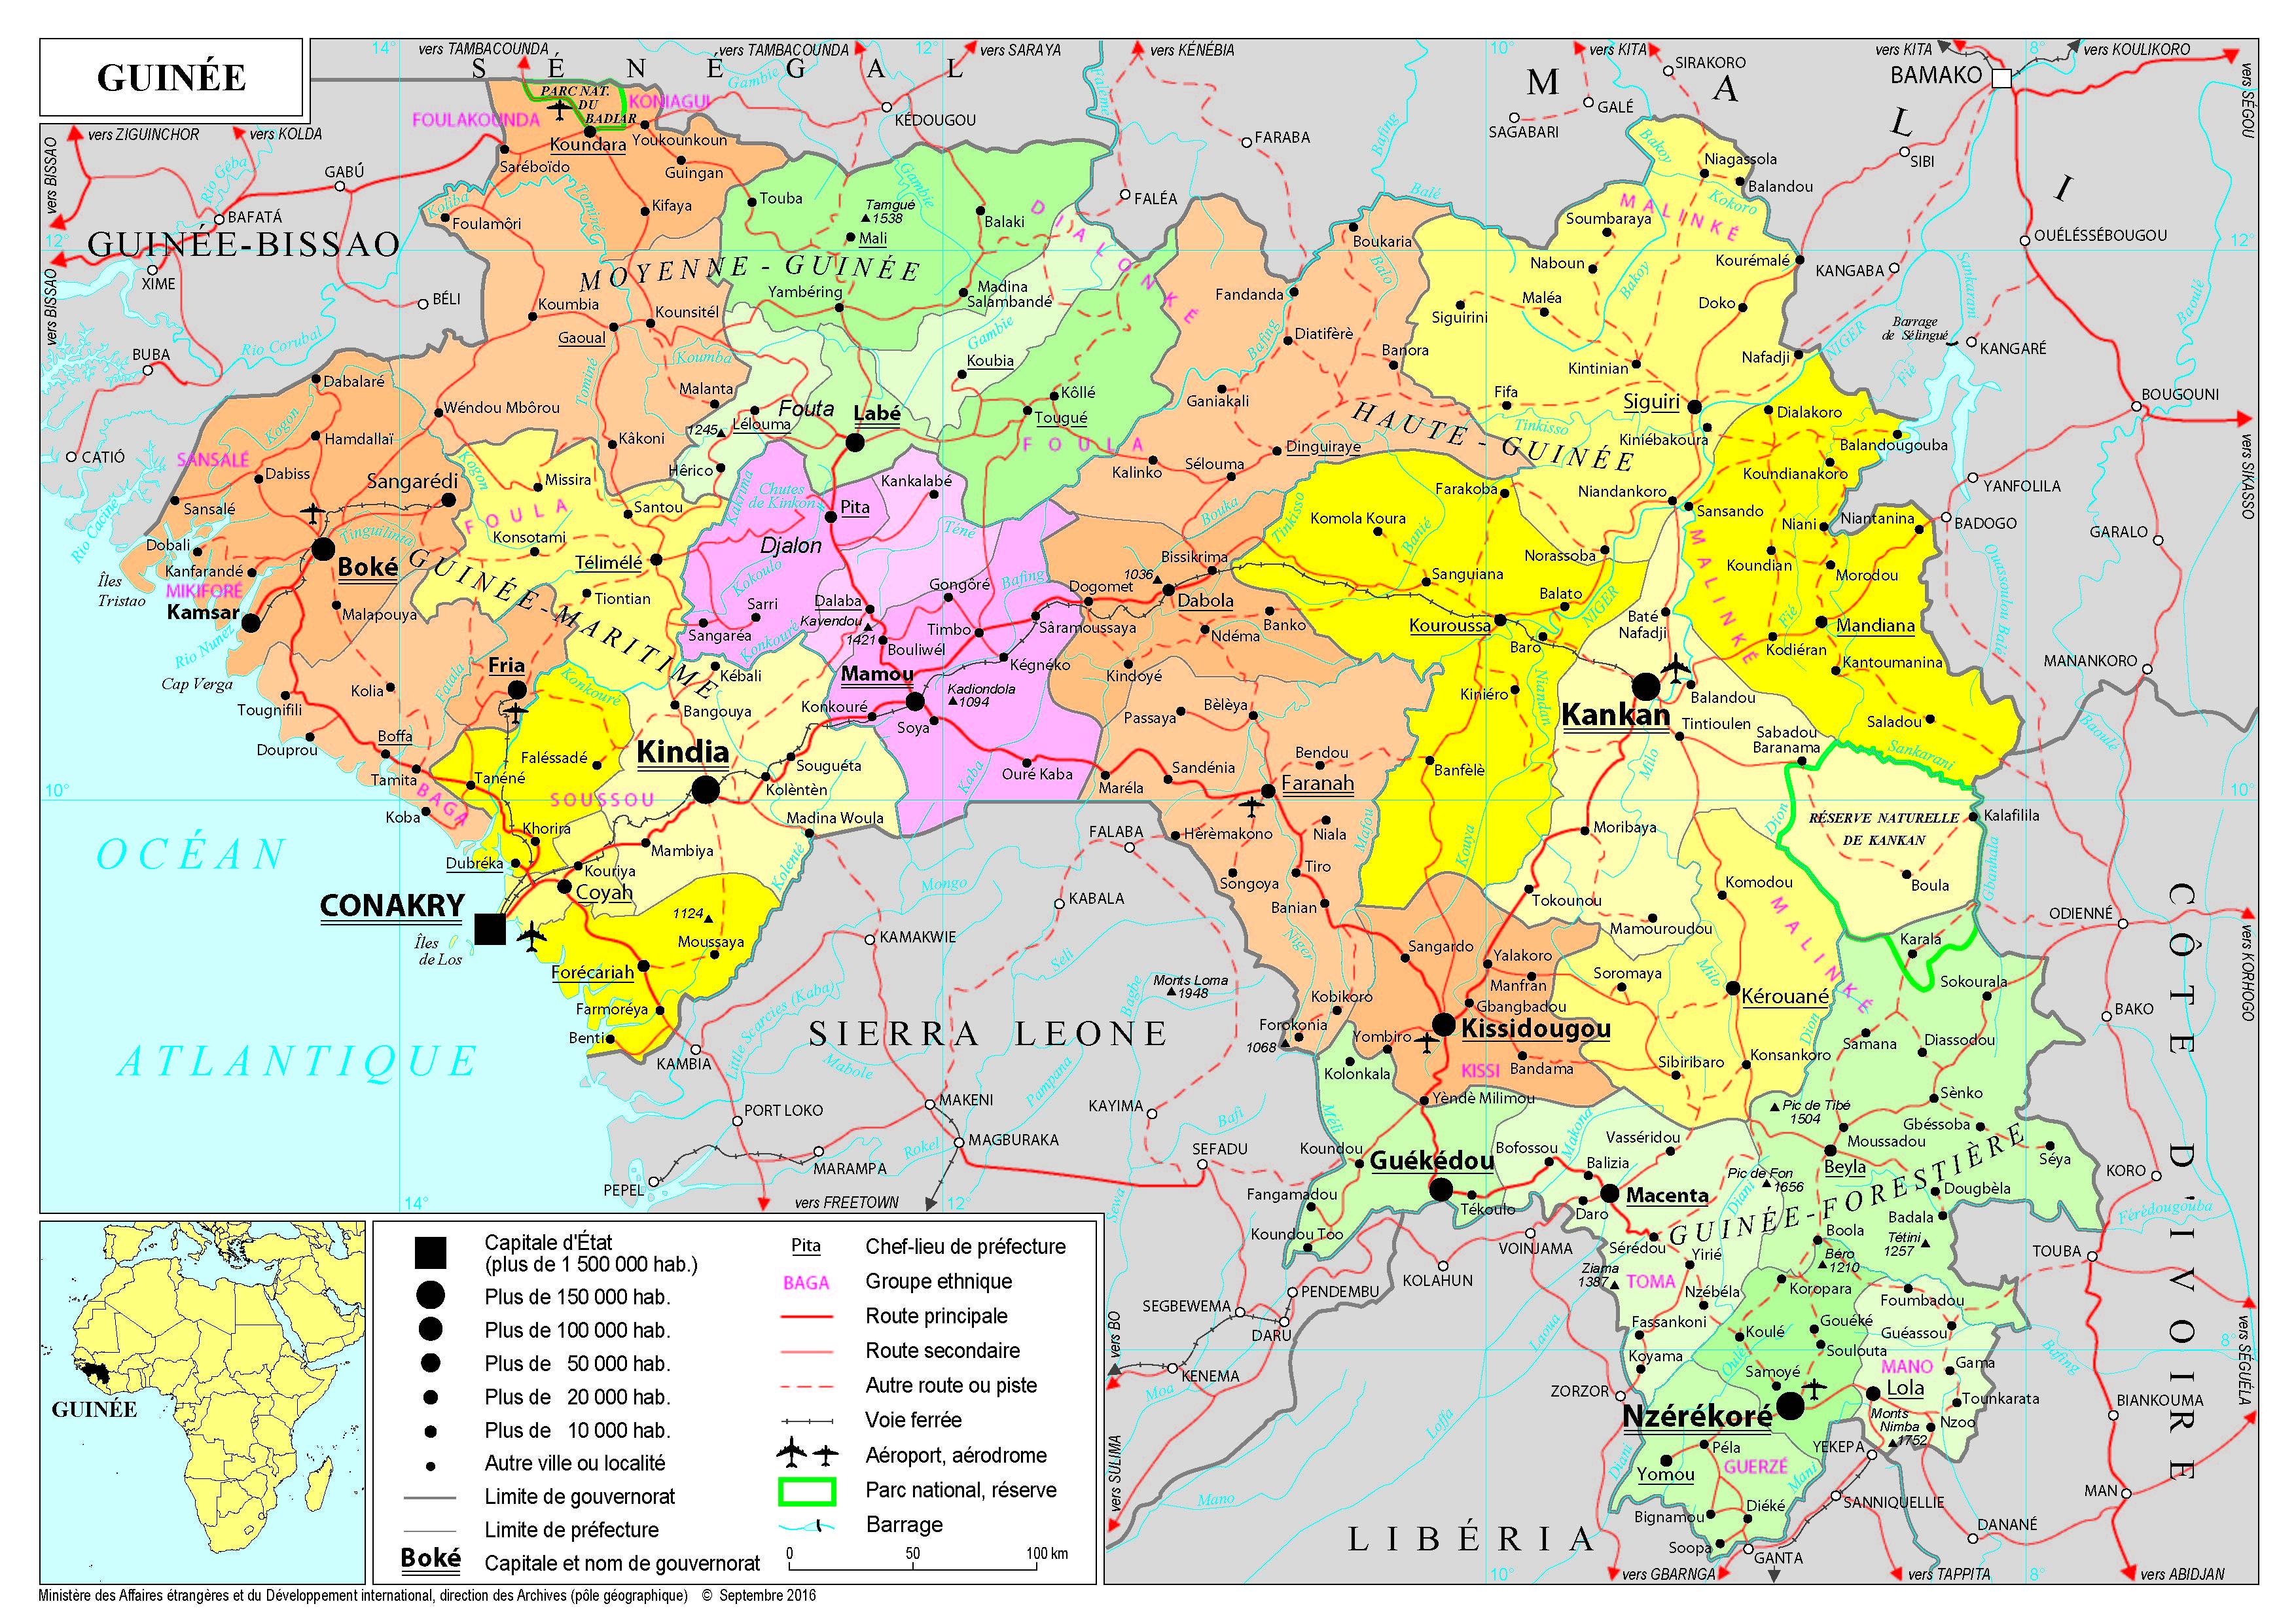 Afrique - cartes de A à L - France-Diplomatie - Ministère ...Les Ondes De Guinee